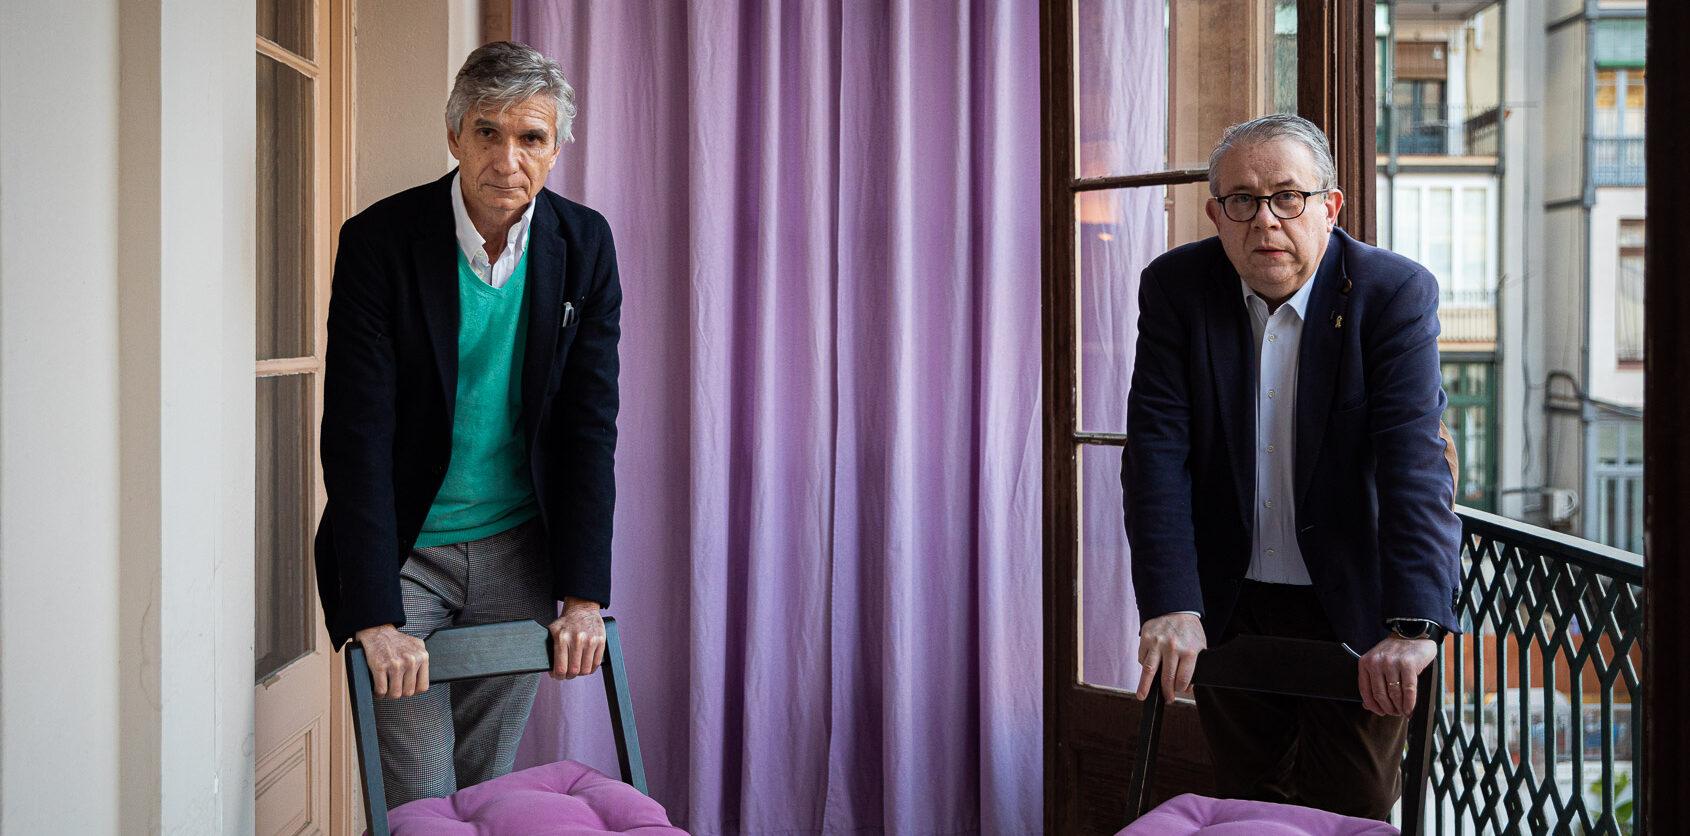 Els doctors Josep Maria Argimon i Jaume Padrós a la casa de la periodista Gemma Bruna / Jordi Borràs